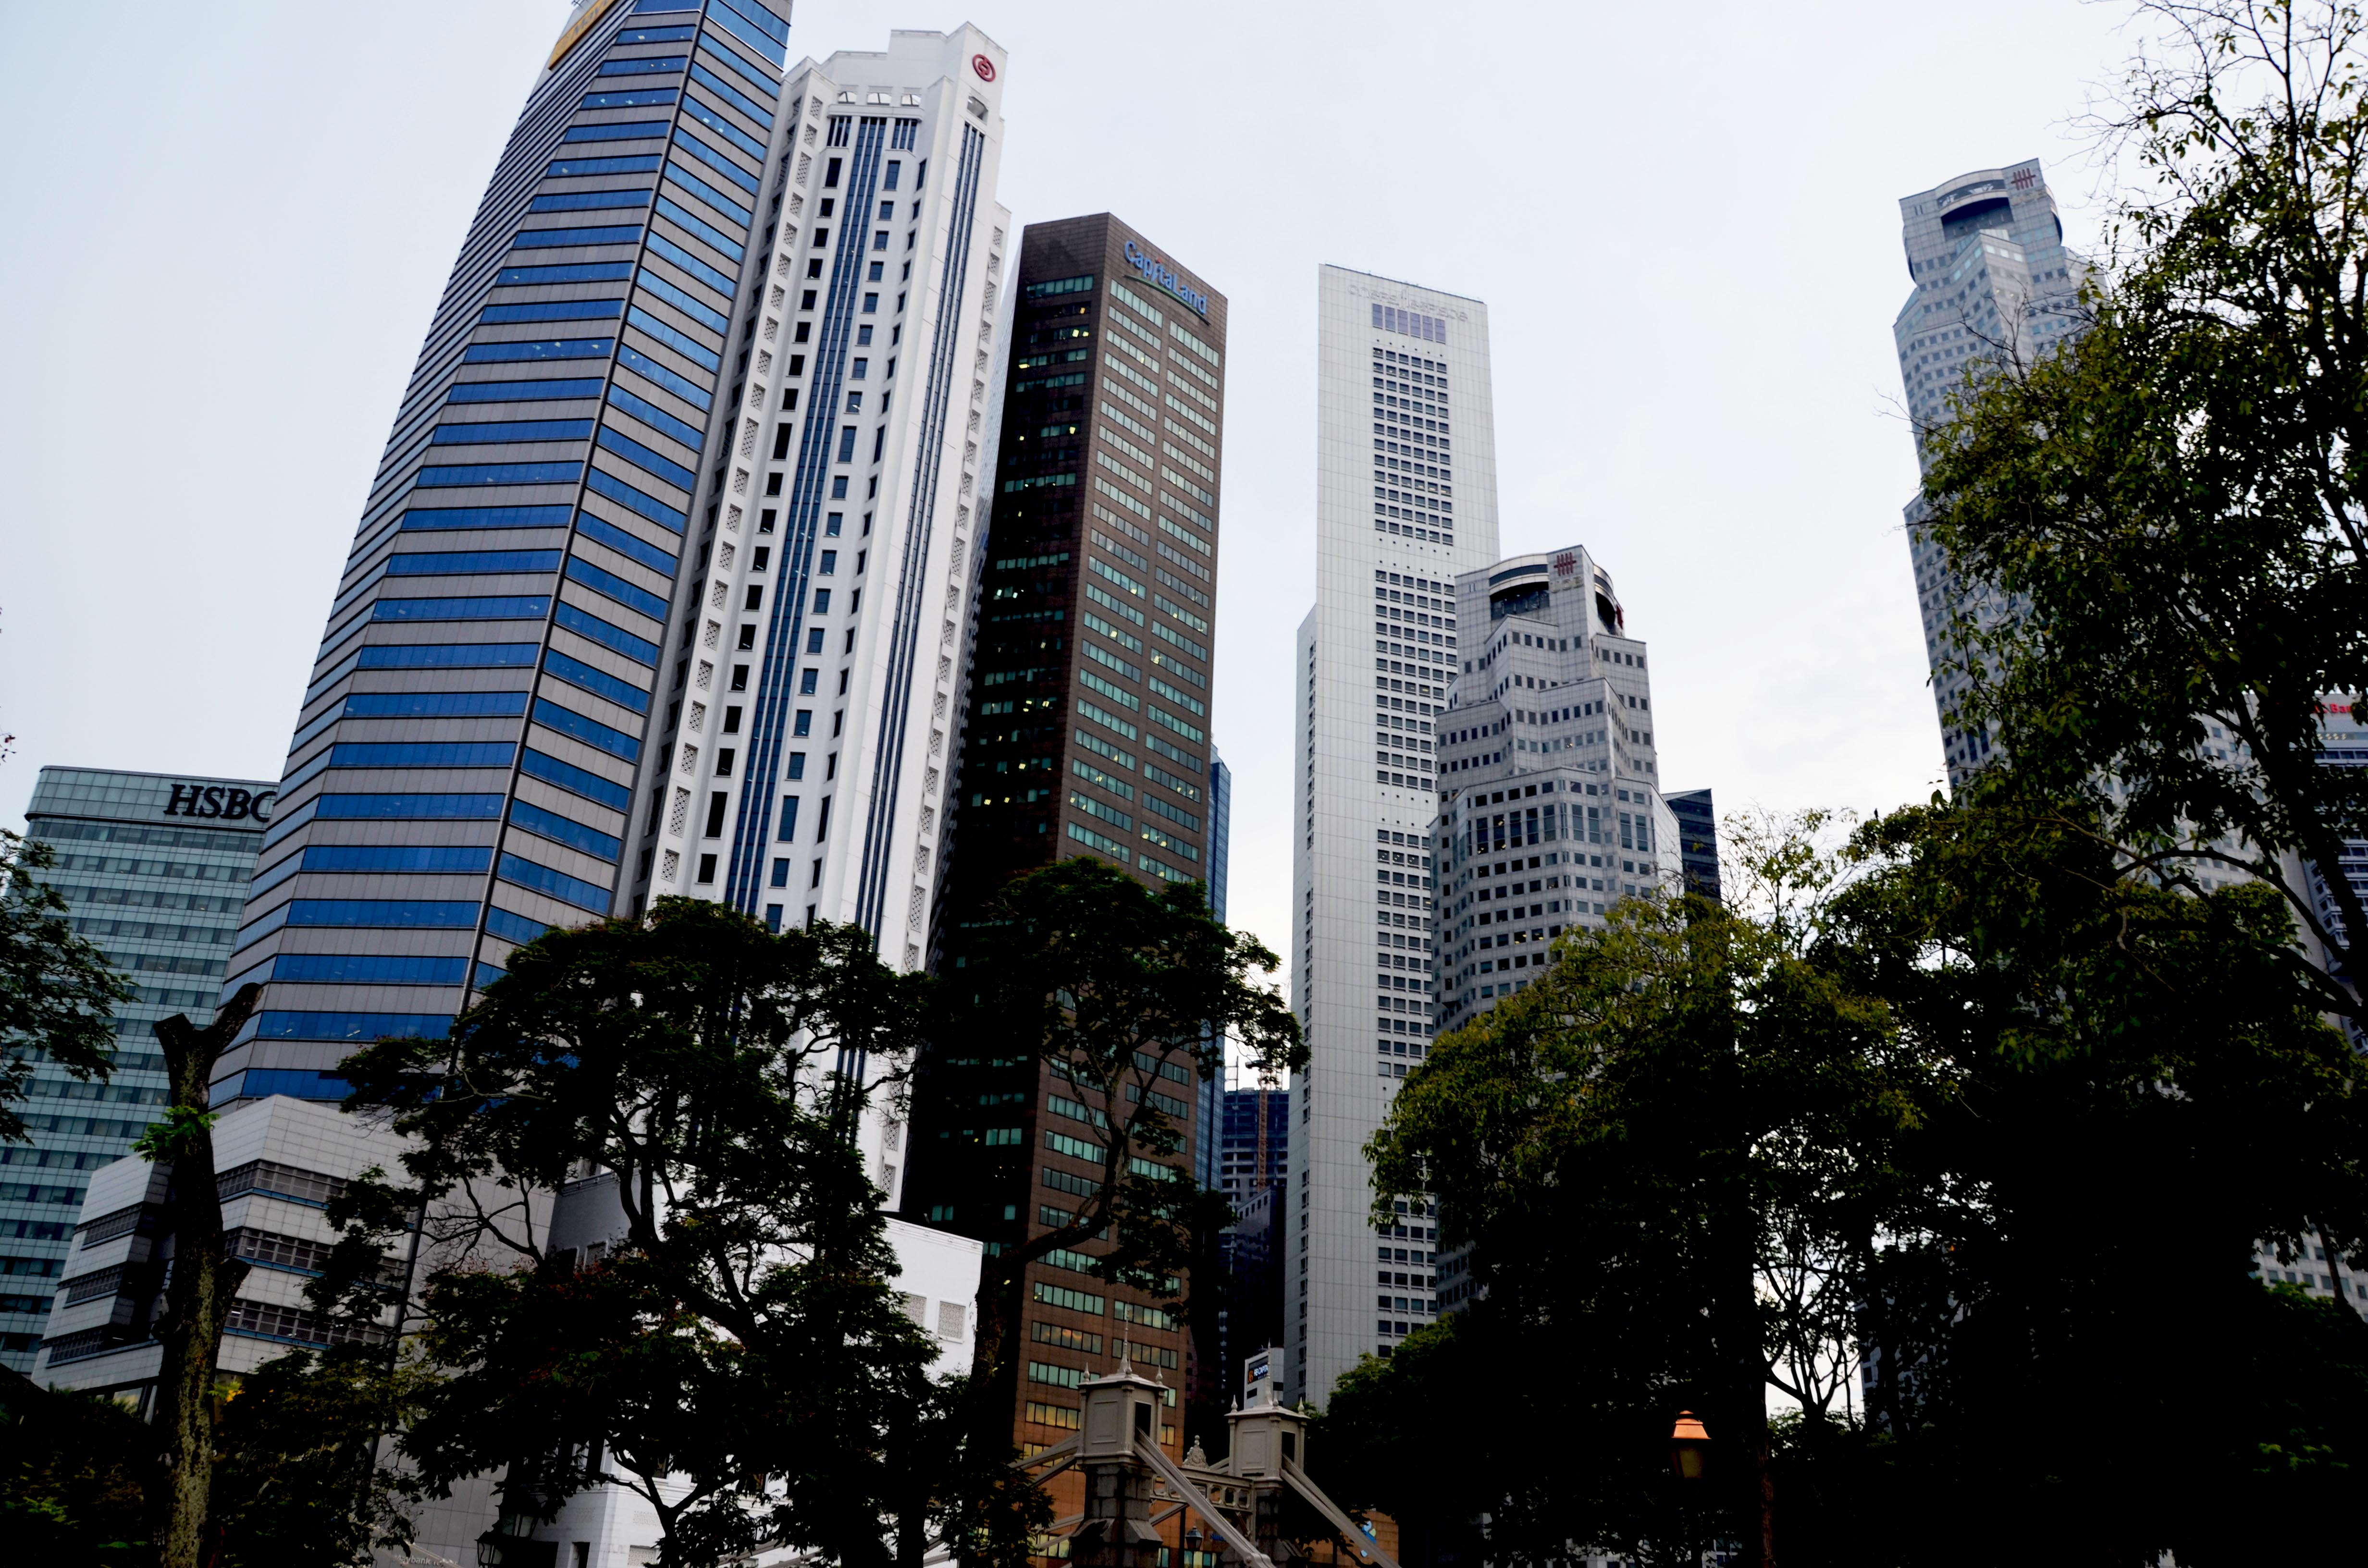 Singapurs Finanzviertel